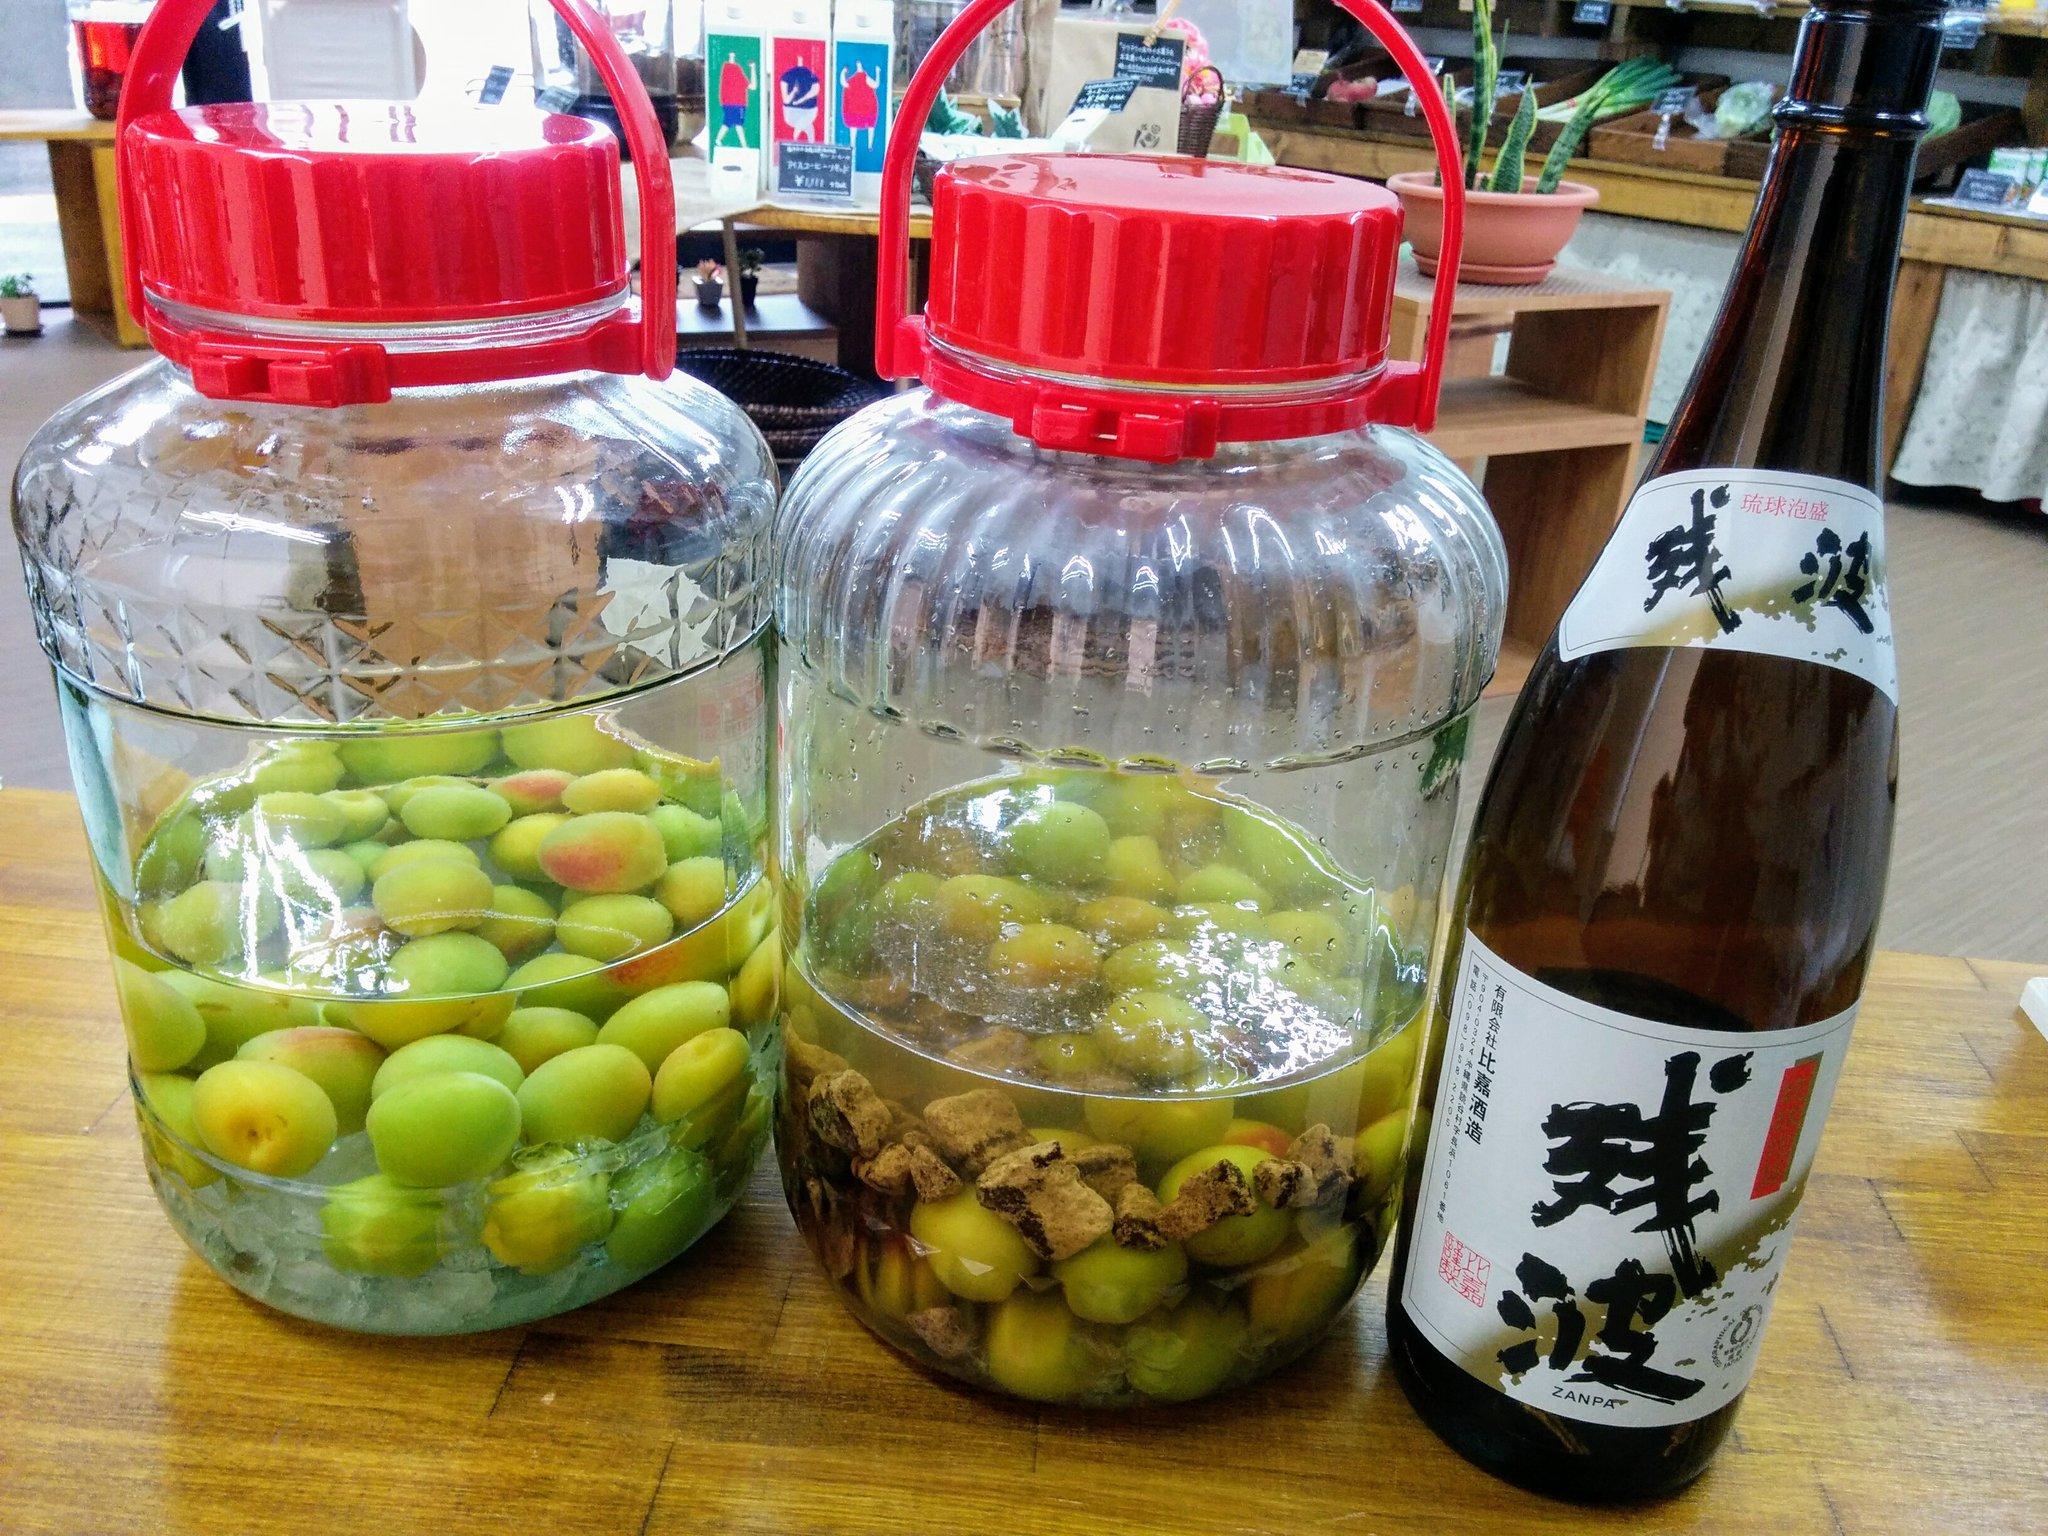 八百屋テクテクが教える梅レシピ。福太夫梅の梅酒製造過程の写真